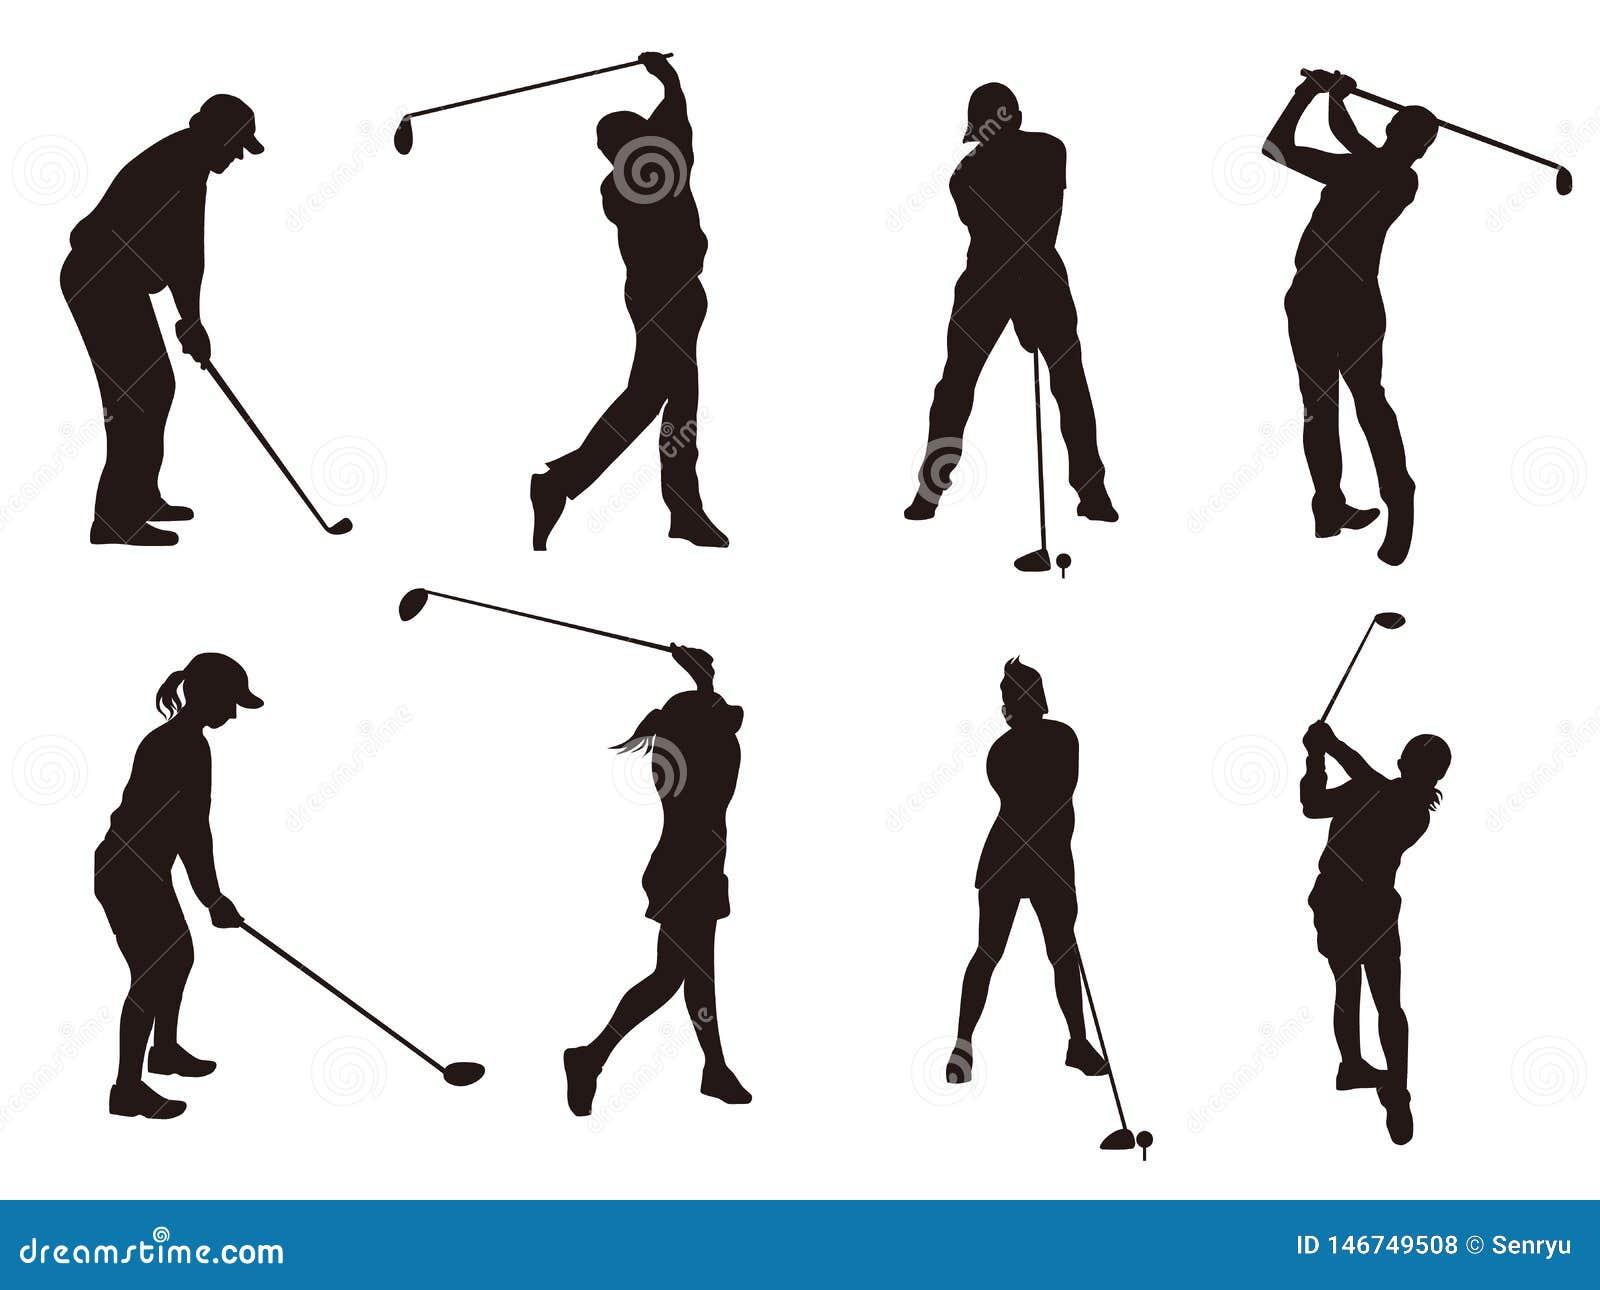 Jogador de golfe silhouette1